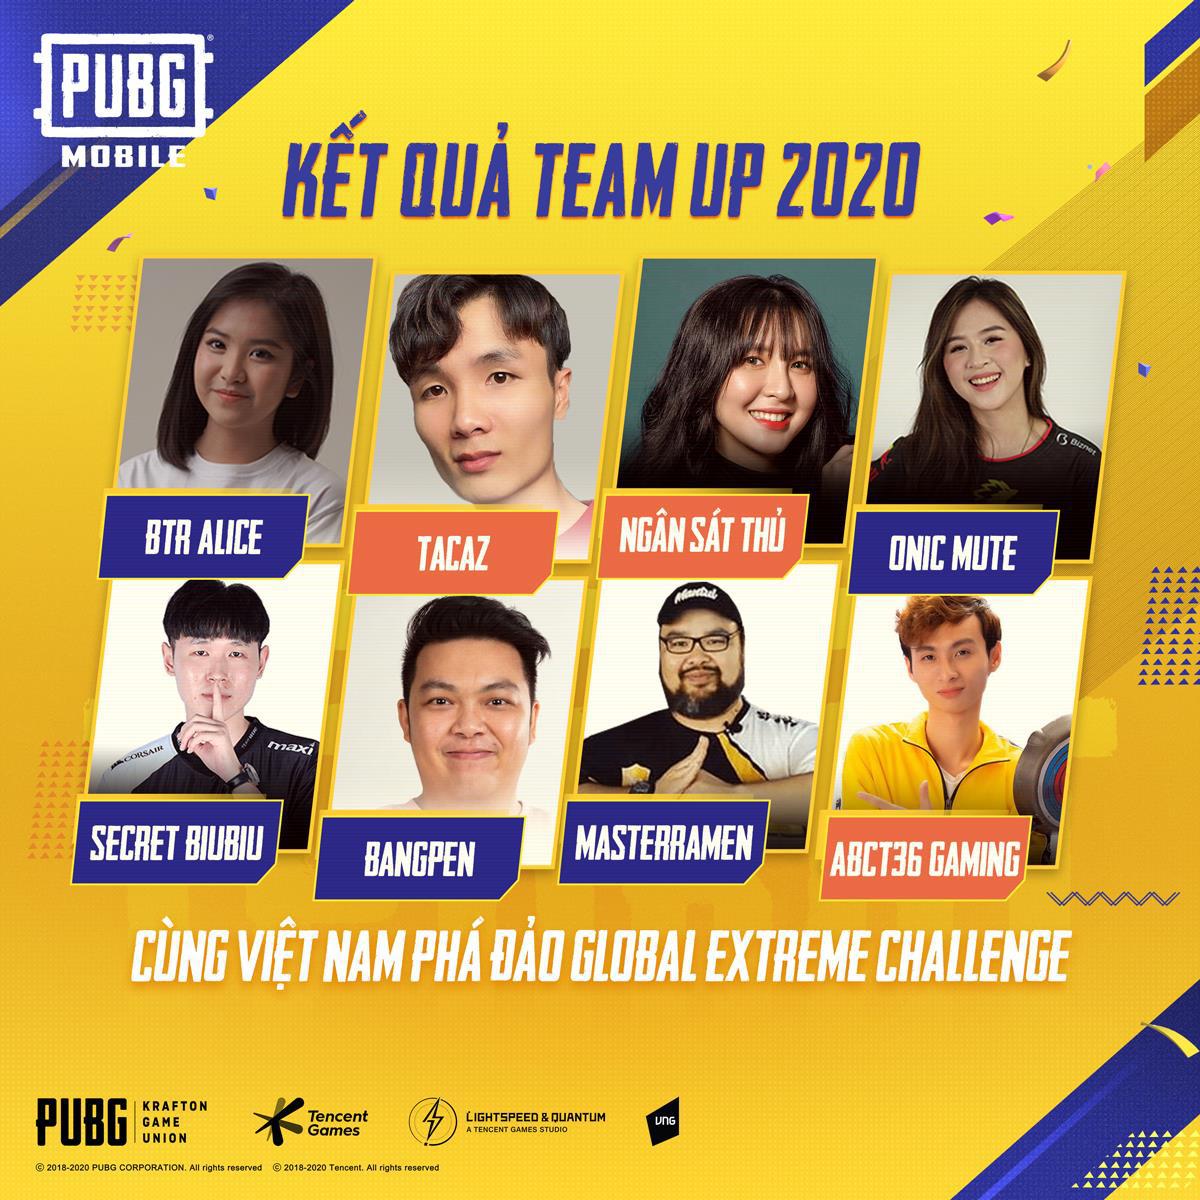 Team Up 2020: Streamer Việt khẳng định độ hot khi chiếm hẳn 3 slot trong khu vực - Ảnh 1.